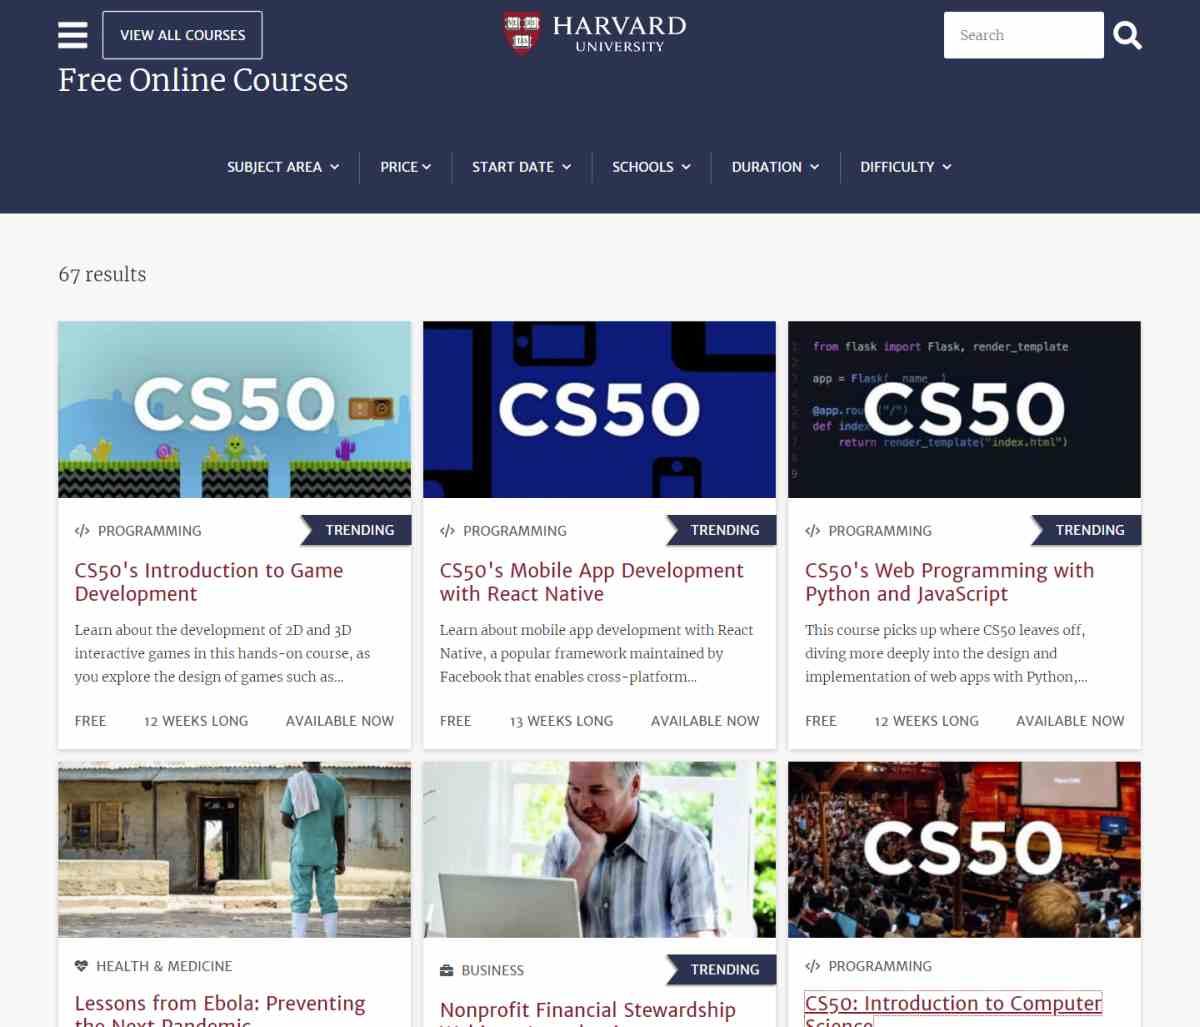 La Universidad de Harvard ofrece más de 300 cursos gratuitos para este año